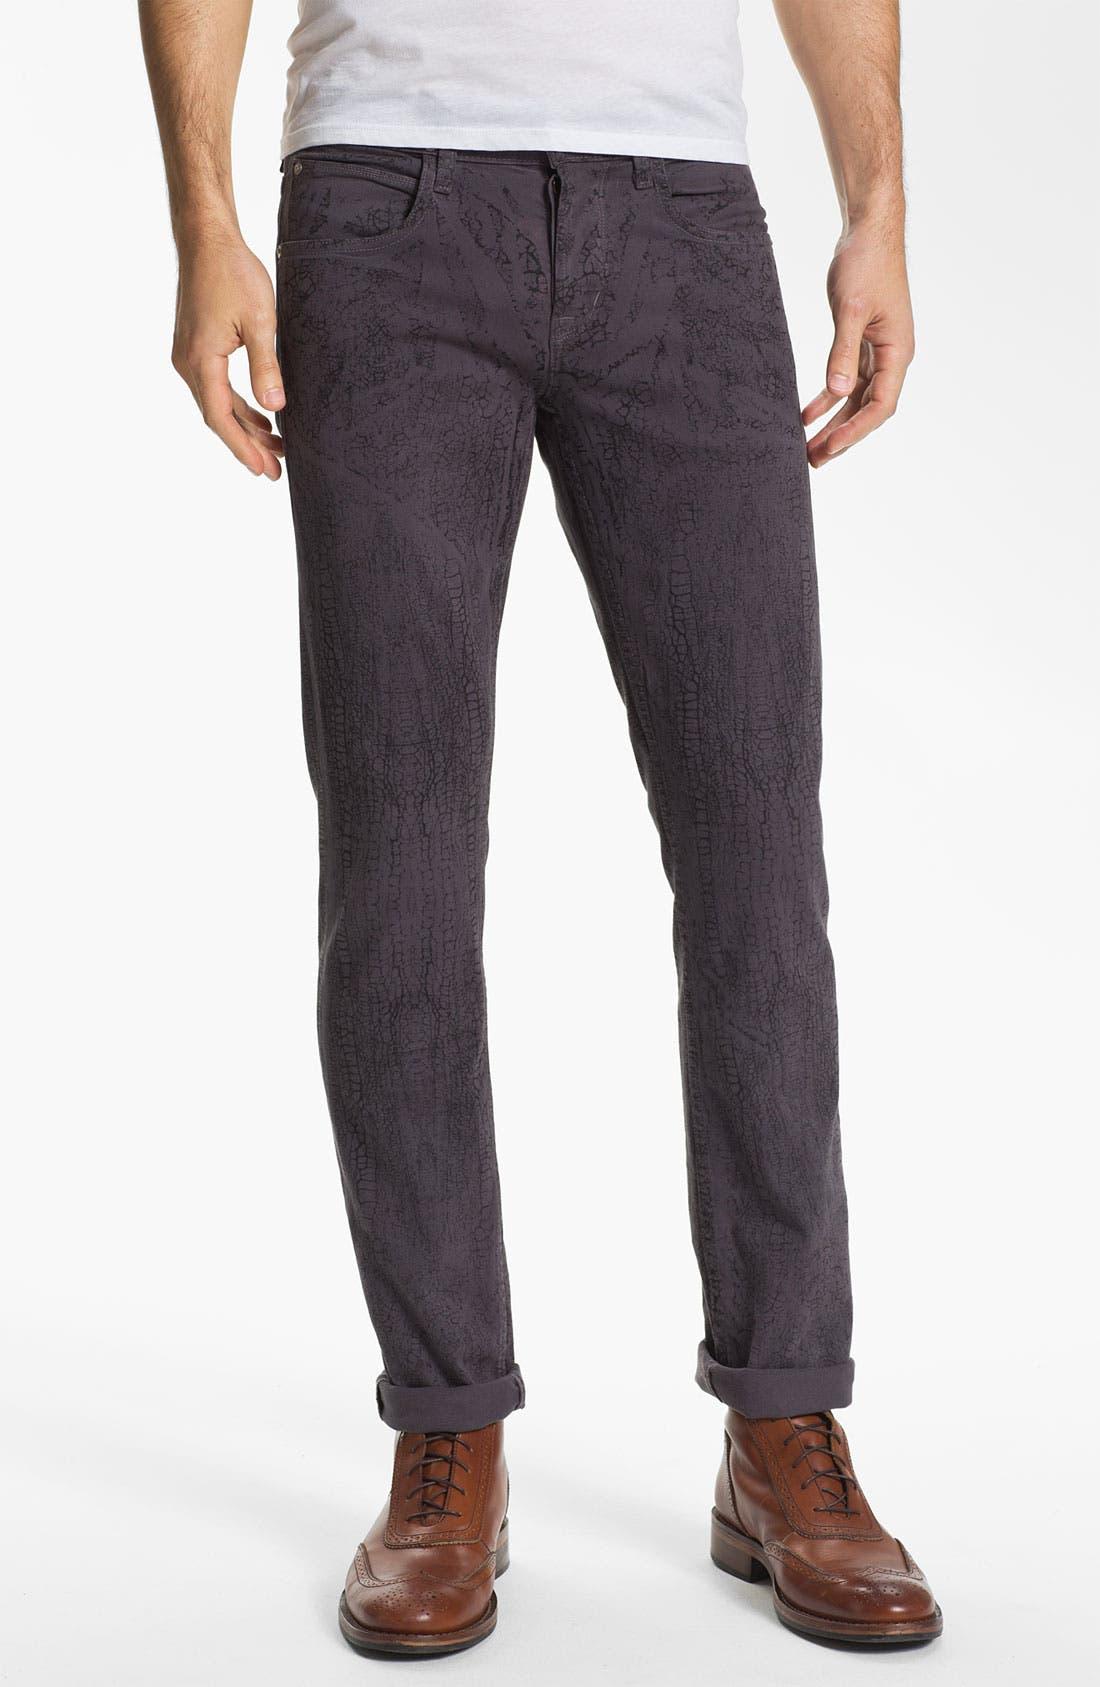 Main Image - Hudson Jeans 'Sartor' Slouchy Skinny Leg Jeans (Gone Platinum)